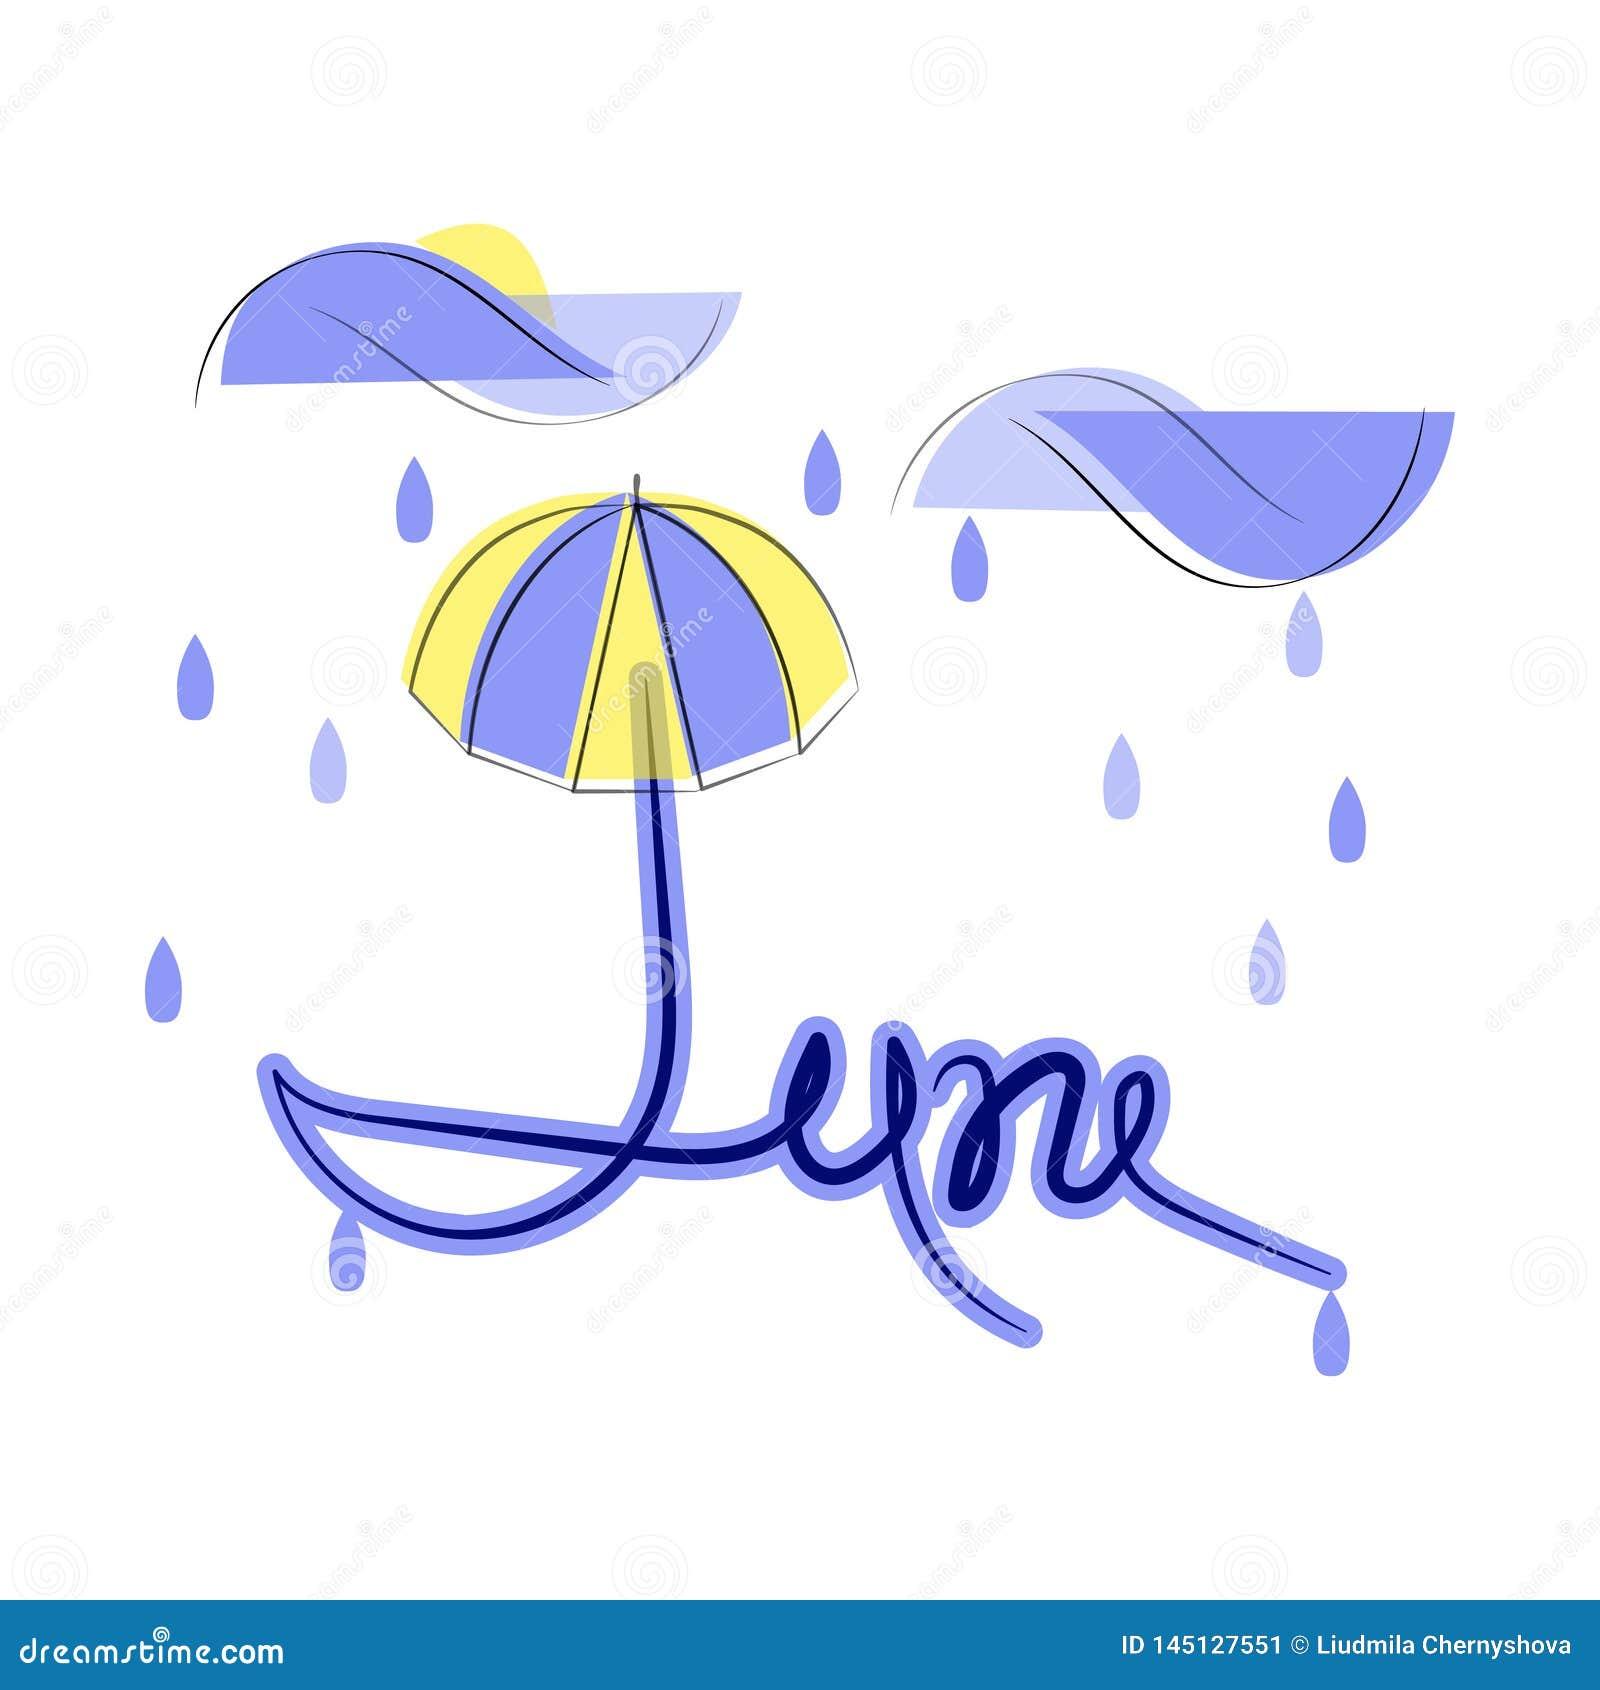 Czerwiec, płaska ilustracja na białym tle Deszczowy dzień, chmury, raindrops i parasol, Słońce podpatruje z chmur